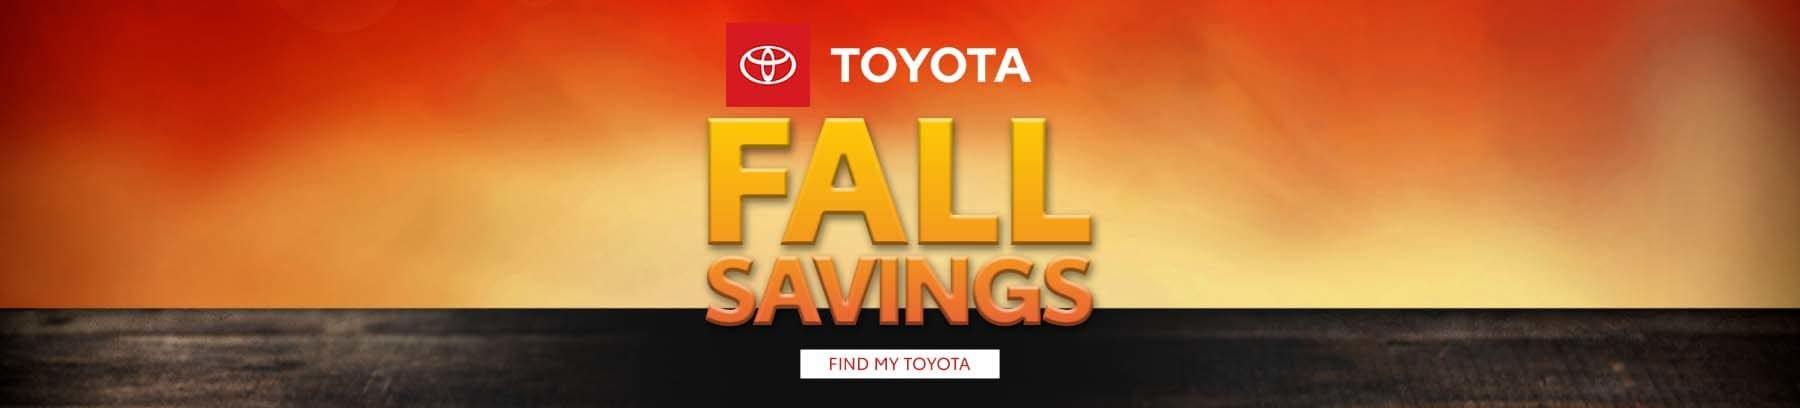 Fall Savings